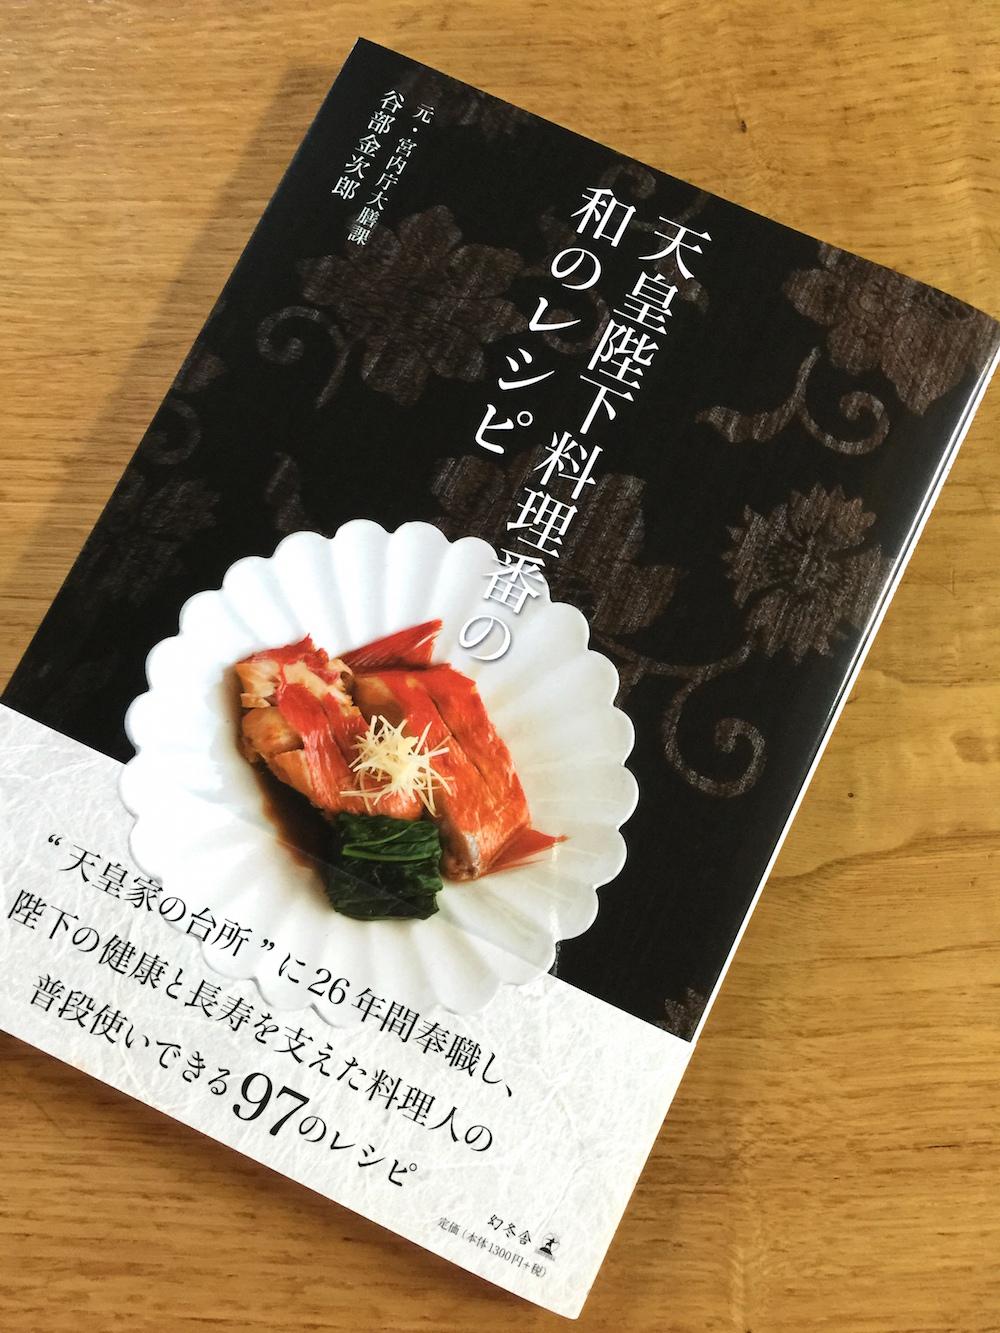 「天皇陛下料理番の和のレシピ」元・宮内庁大膳課  谷部金次郎著